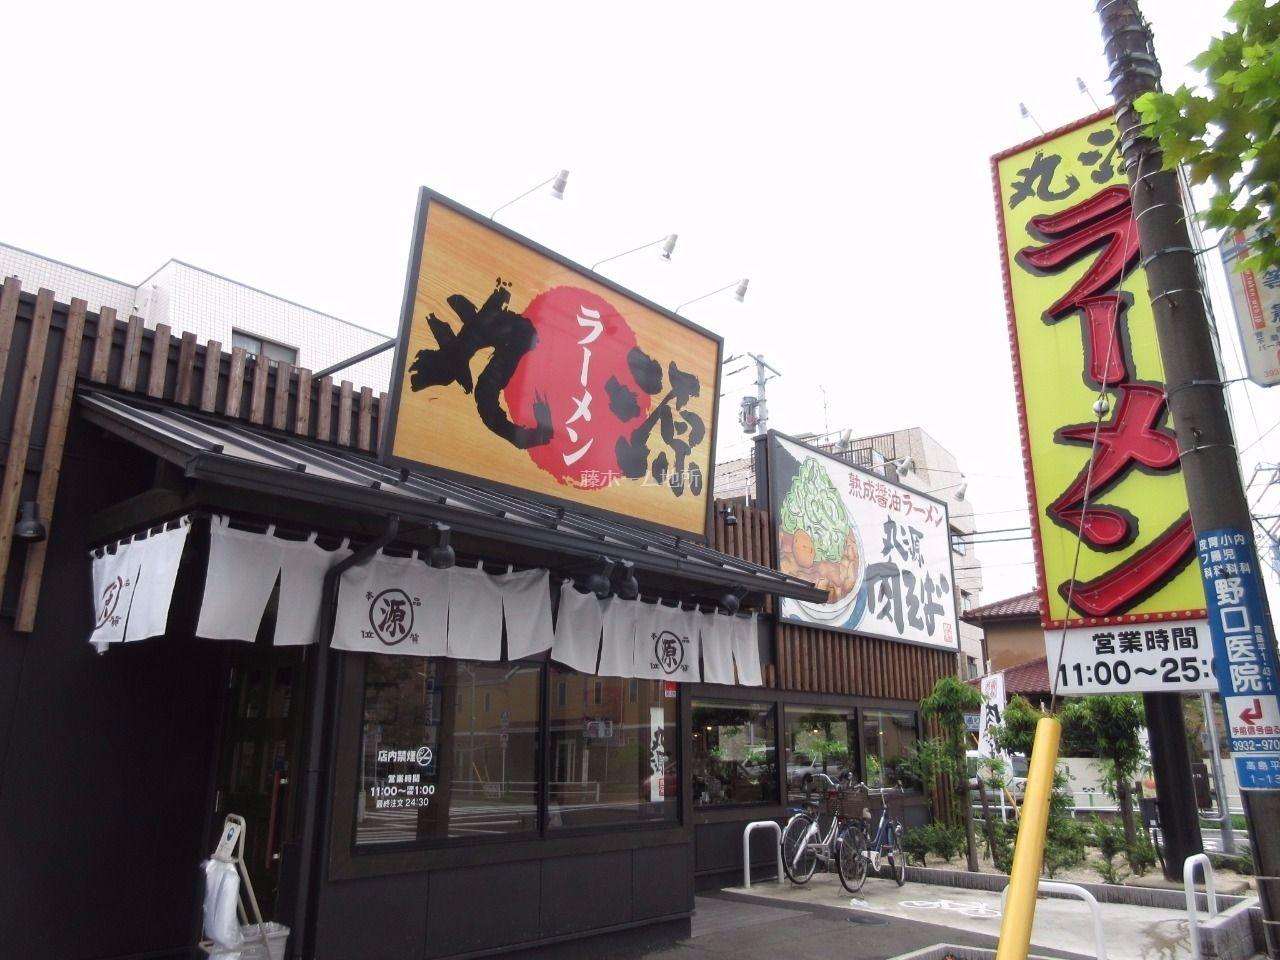 熟成醤油ラーメン「肉そば」が有名